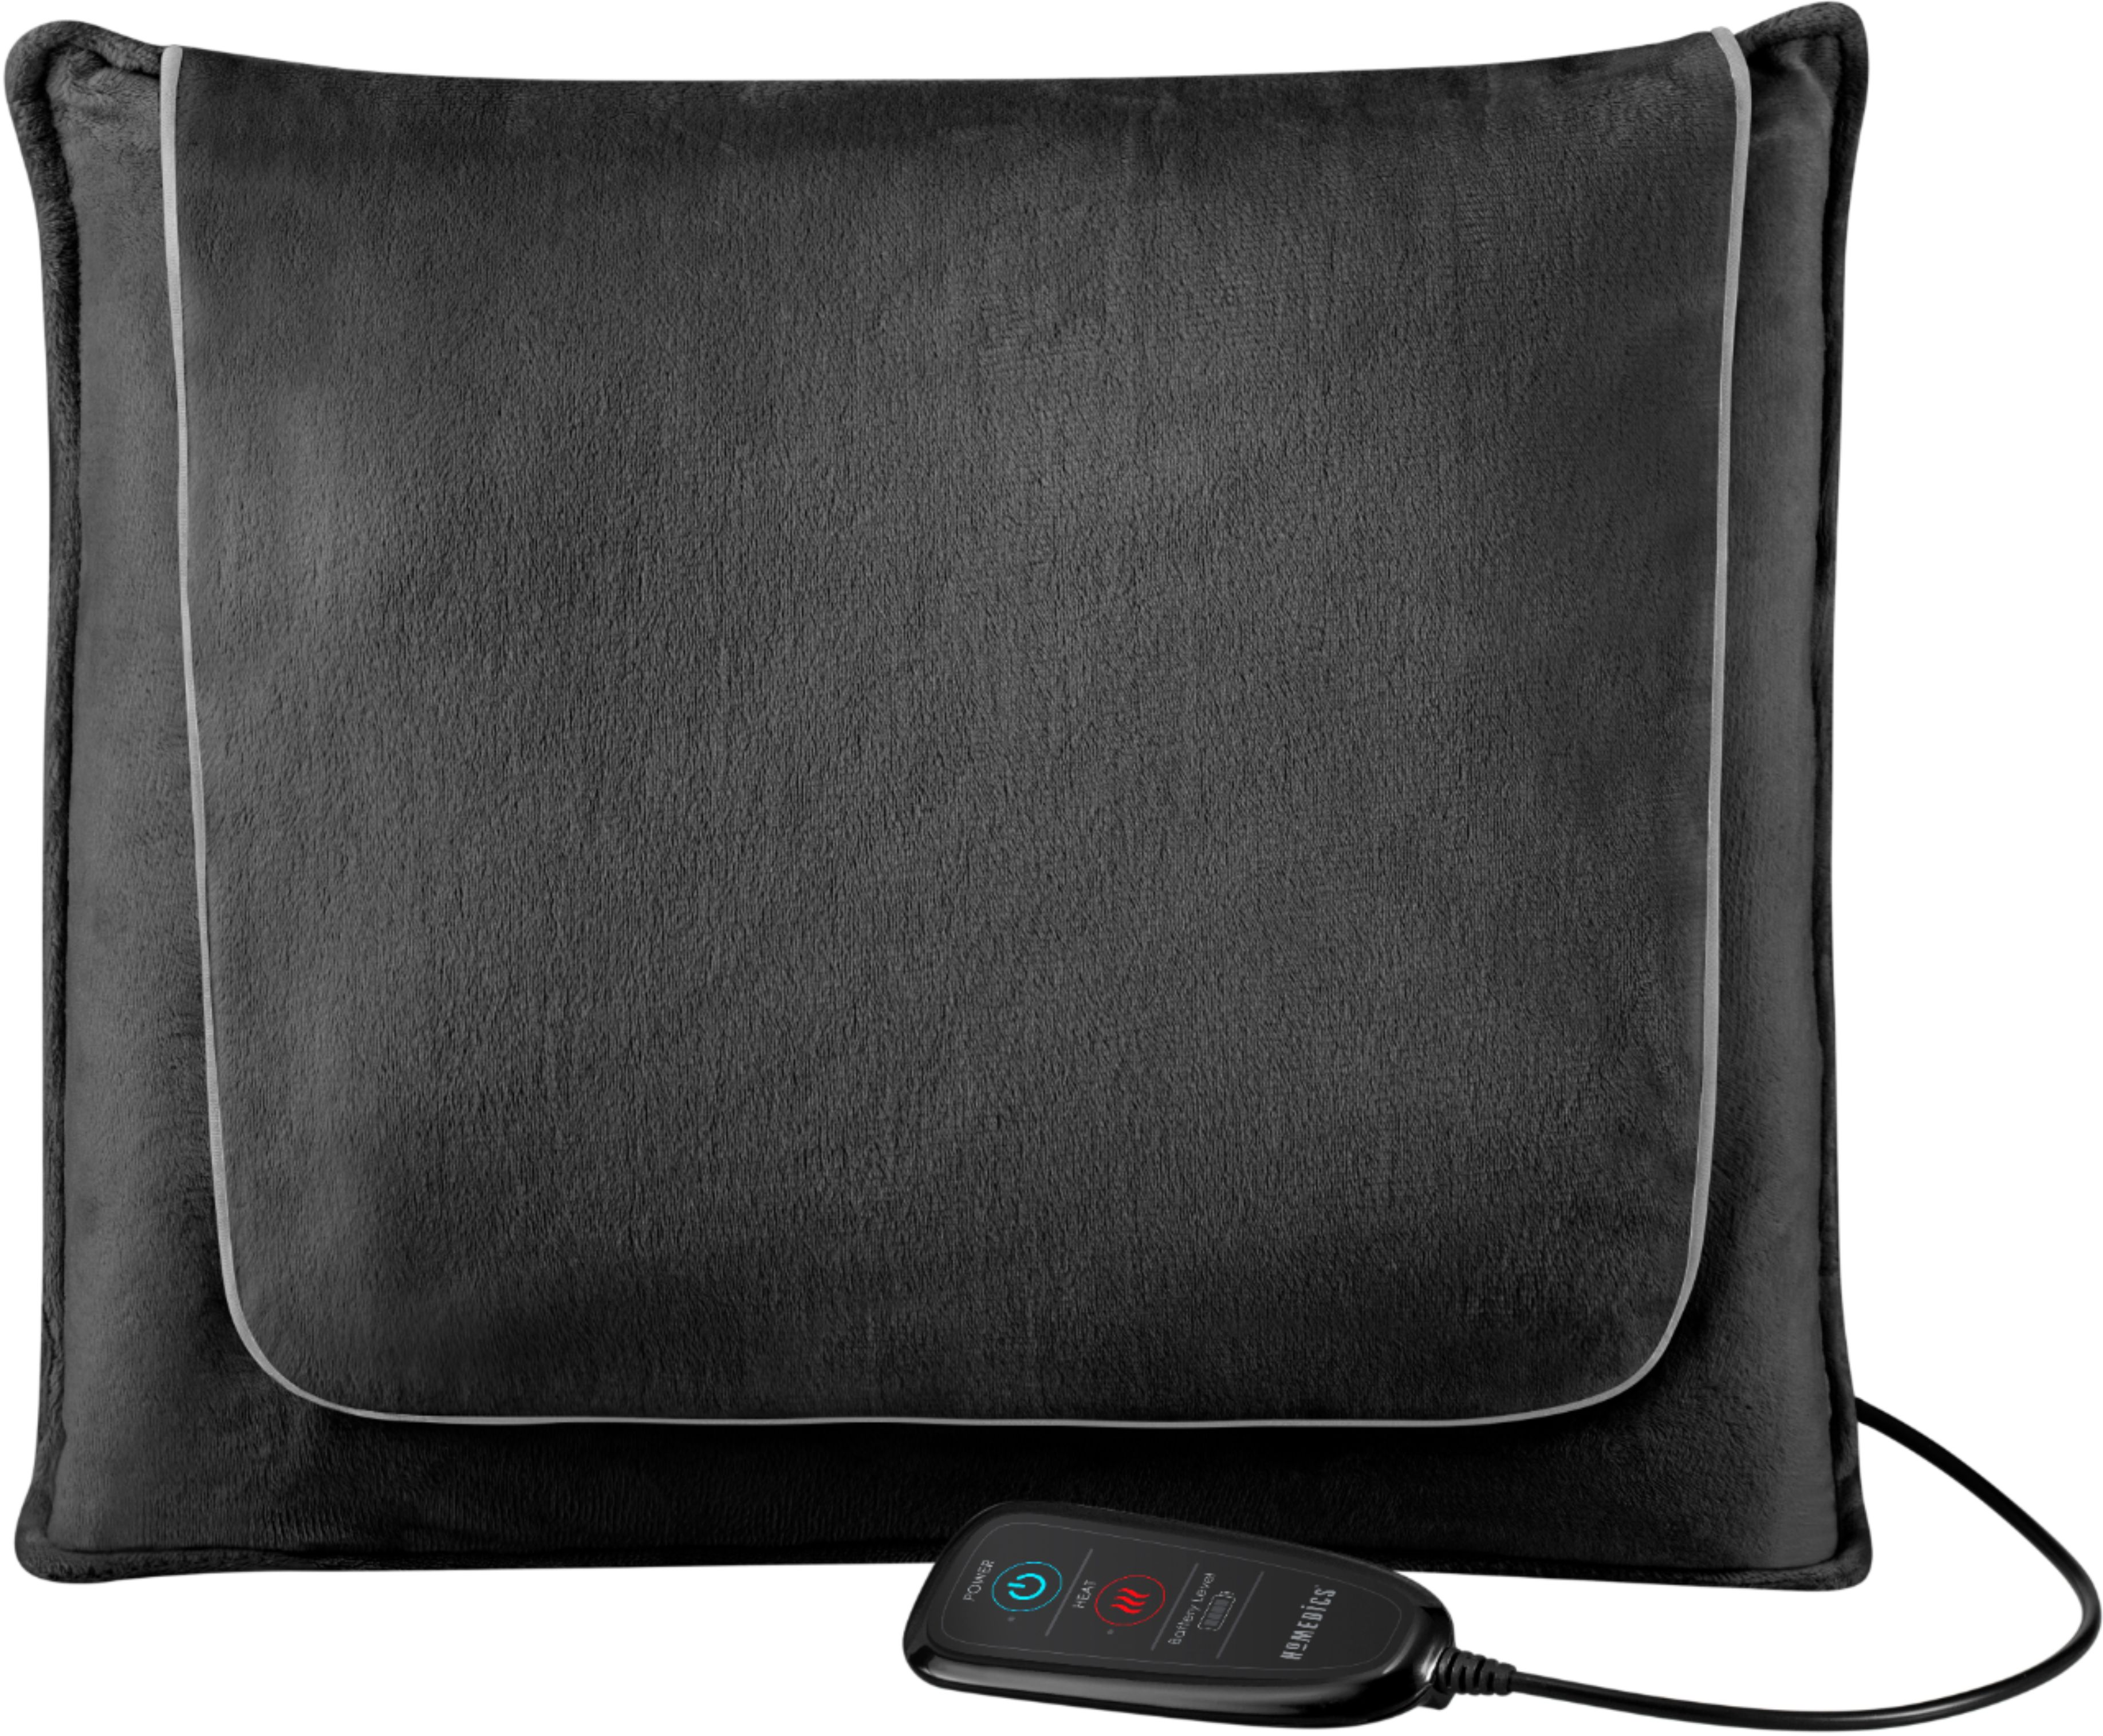 homedics cordless shiatsu massage pillow with heat black